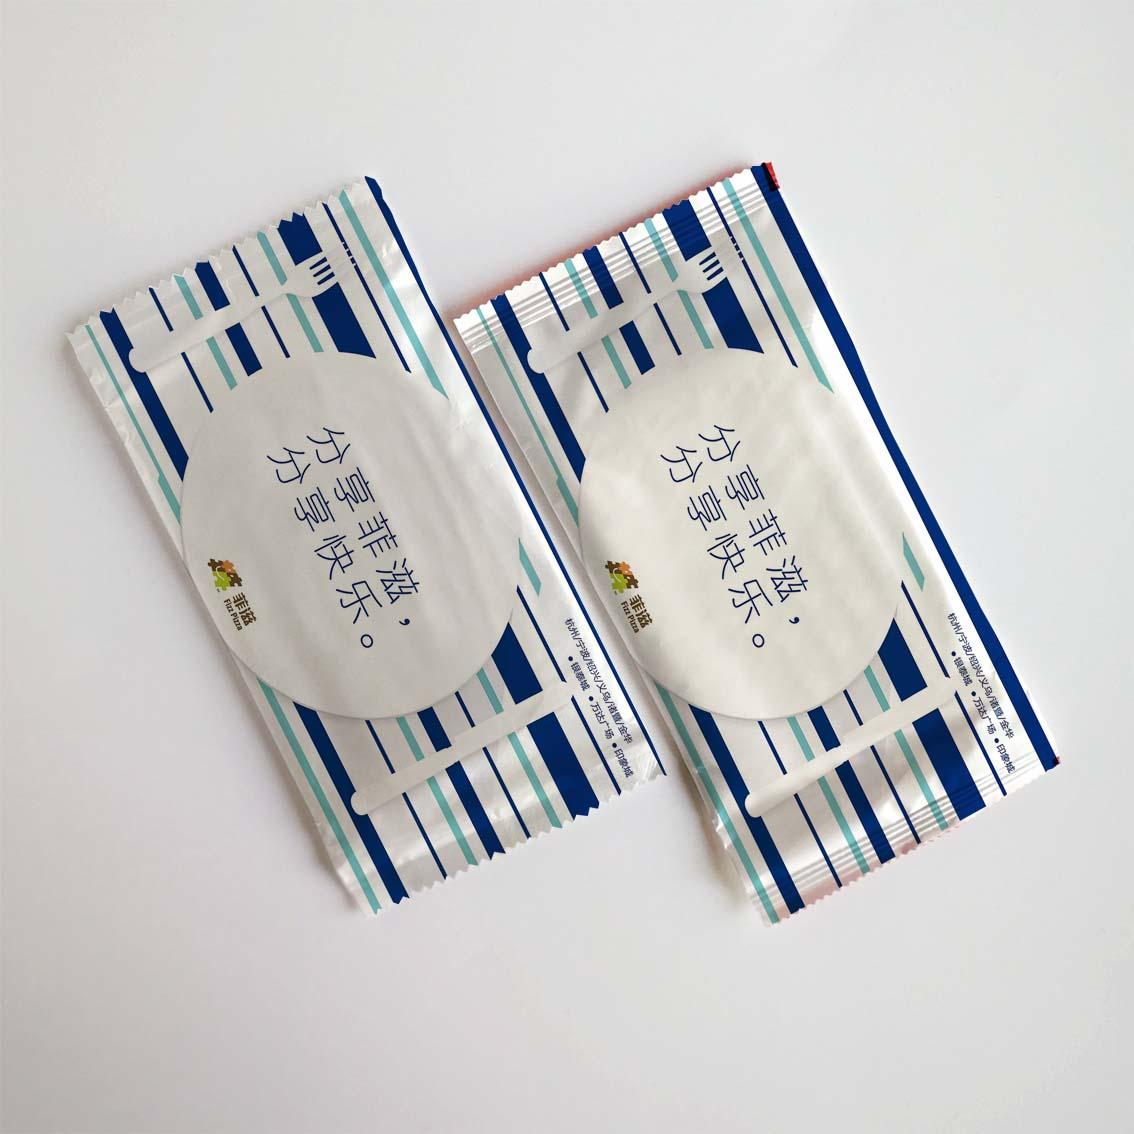 湿纸巾生产厂←家_180*8484*2075成都湿巾⌒定制工厂!